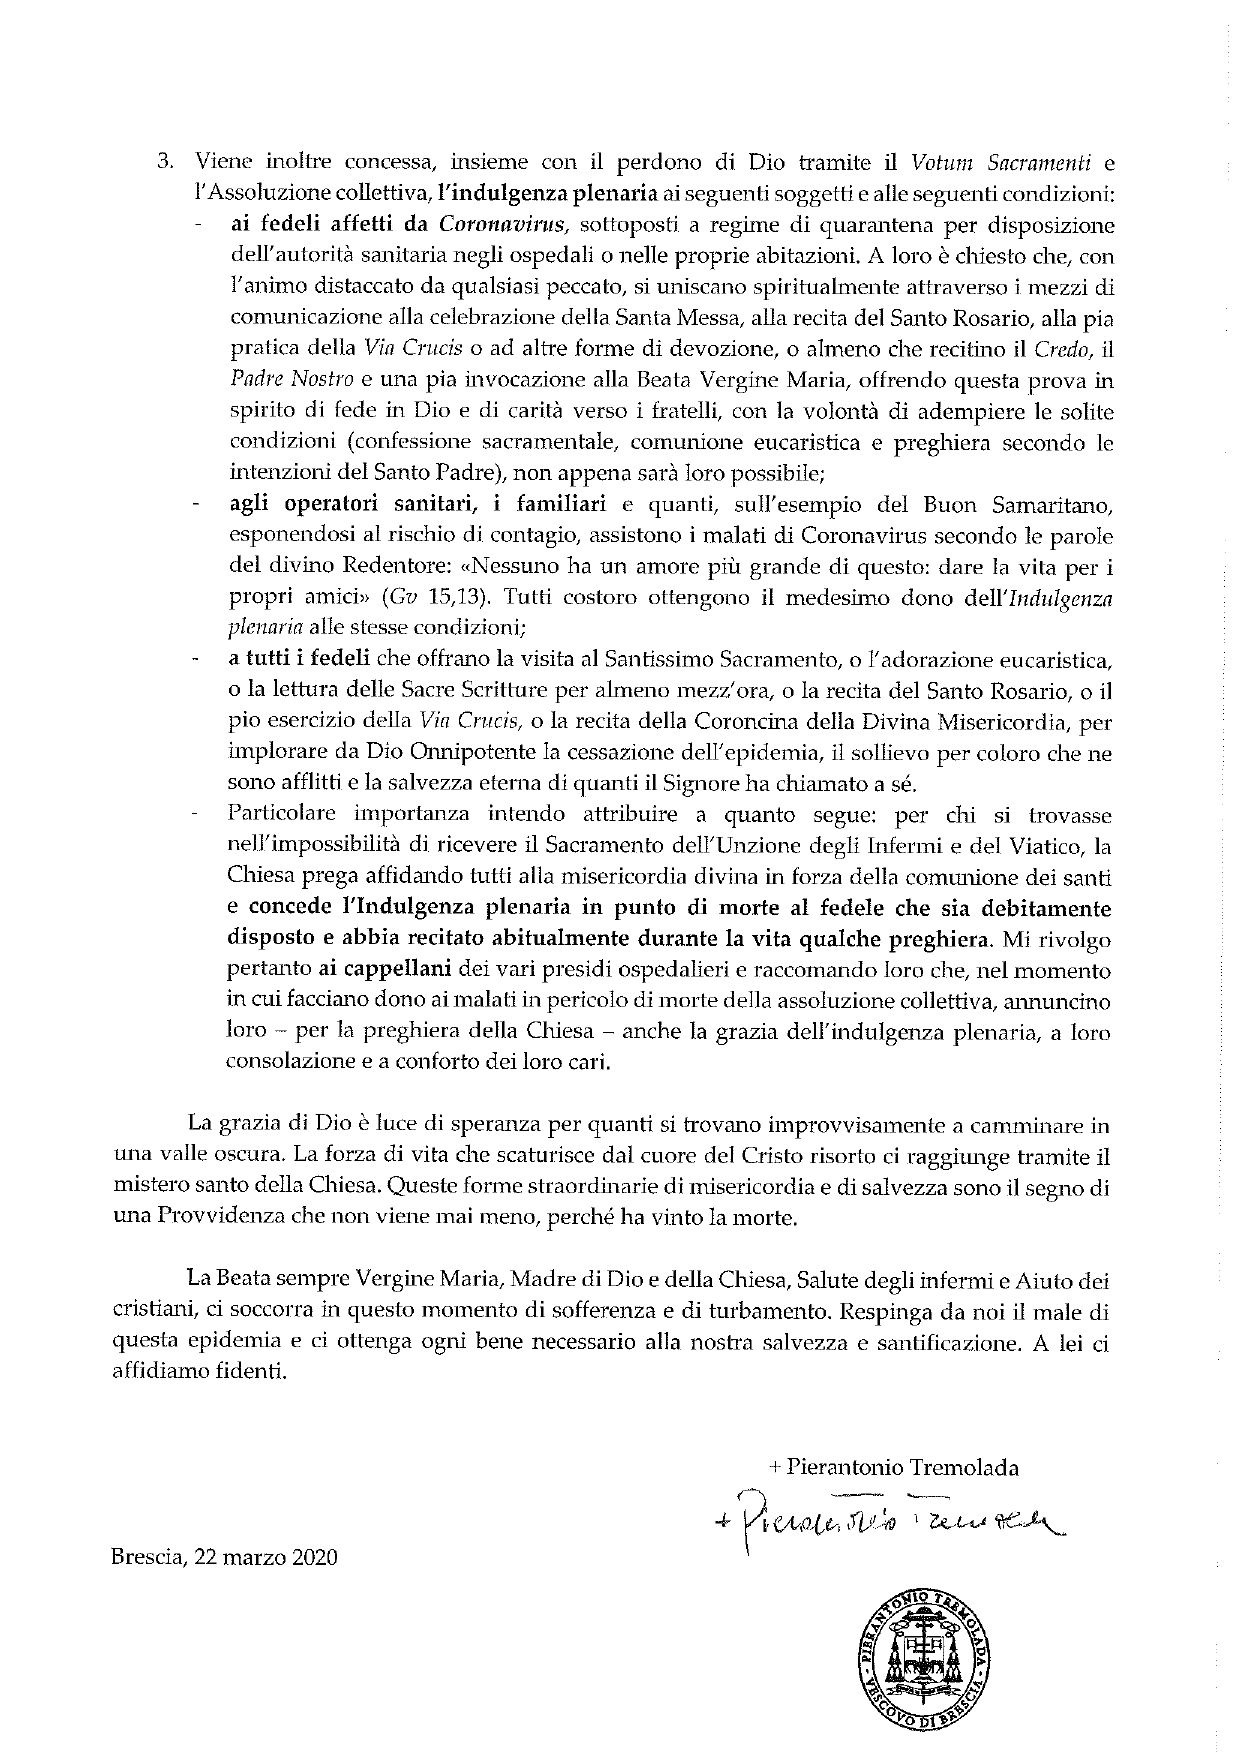 Assoluzione generale.pdf_page-0002